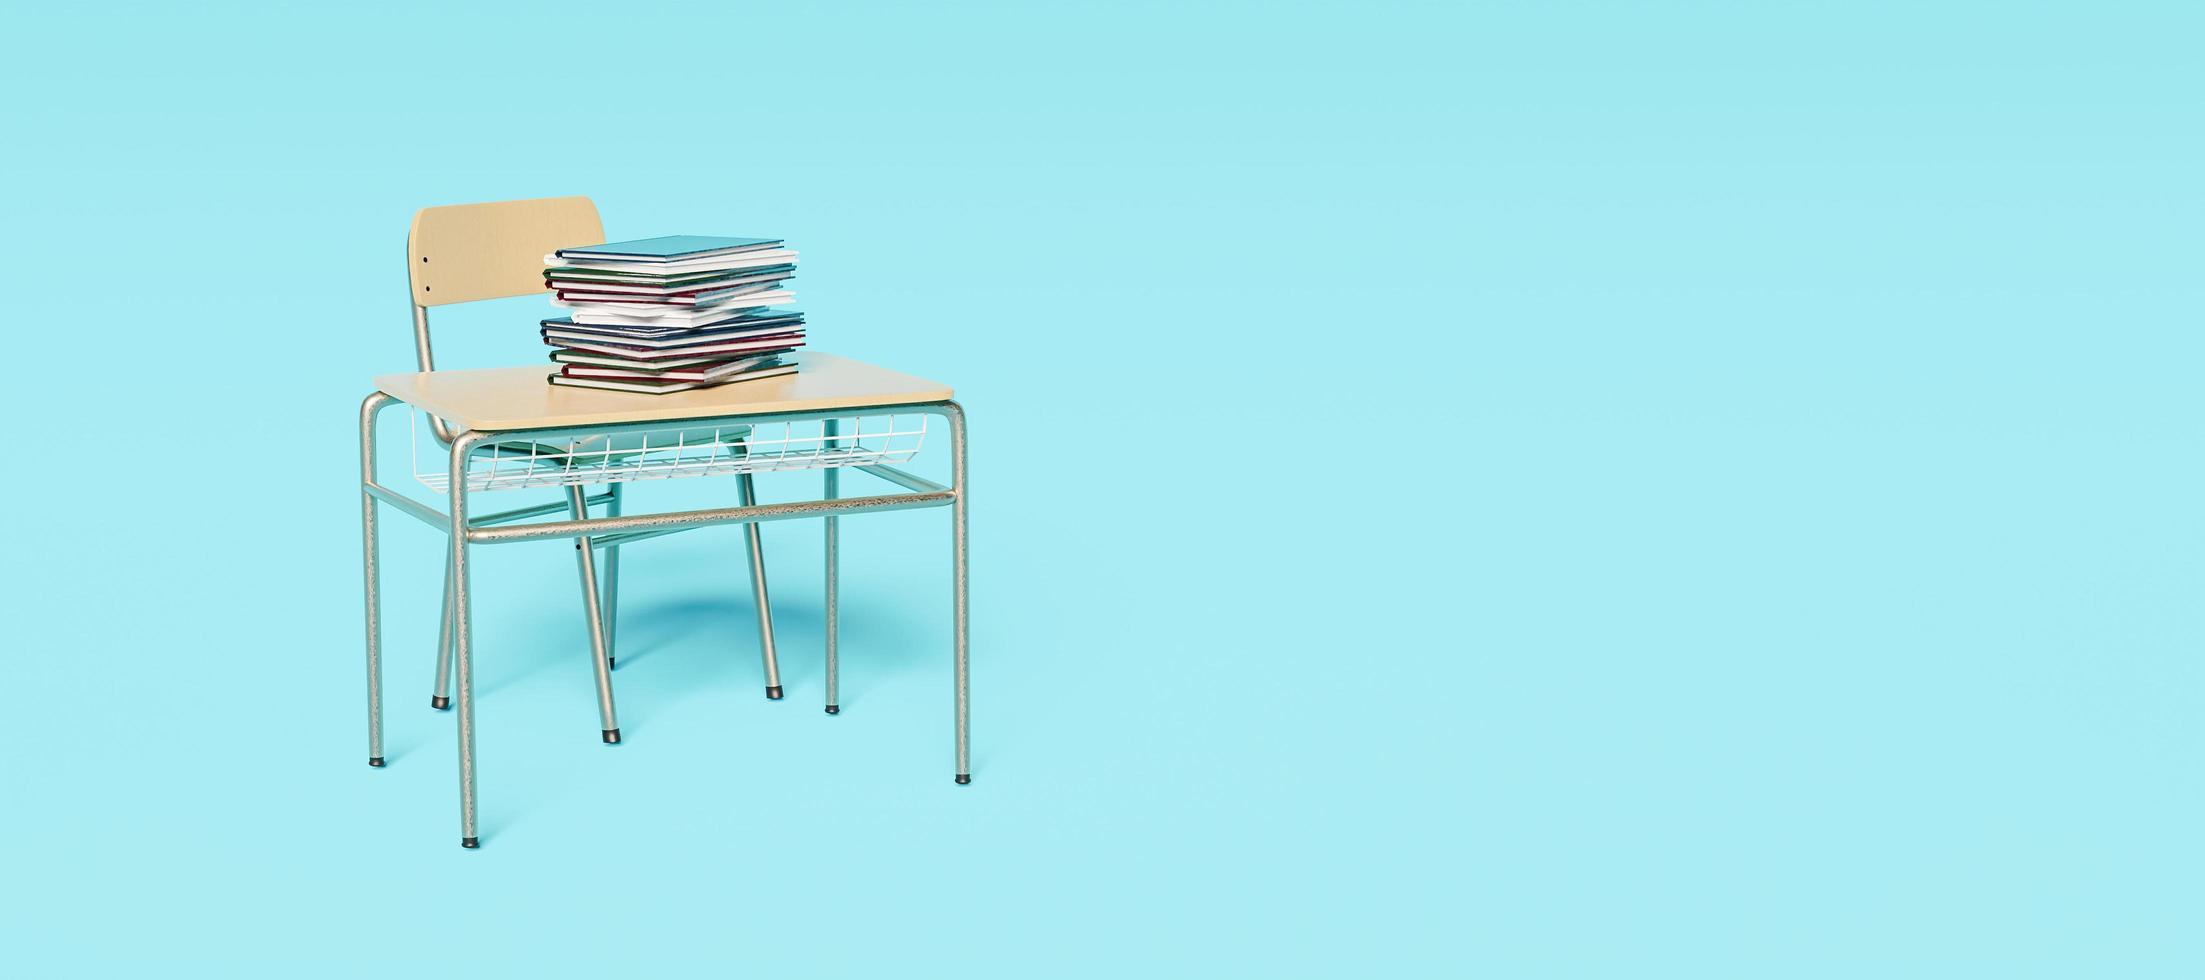 striscione blu con banco di scuola solitario foto